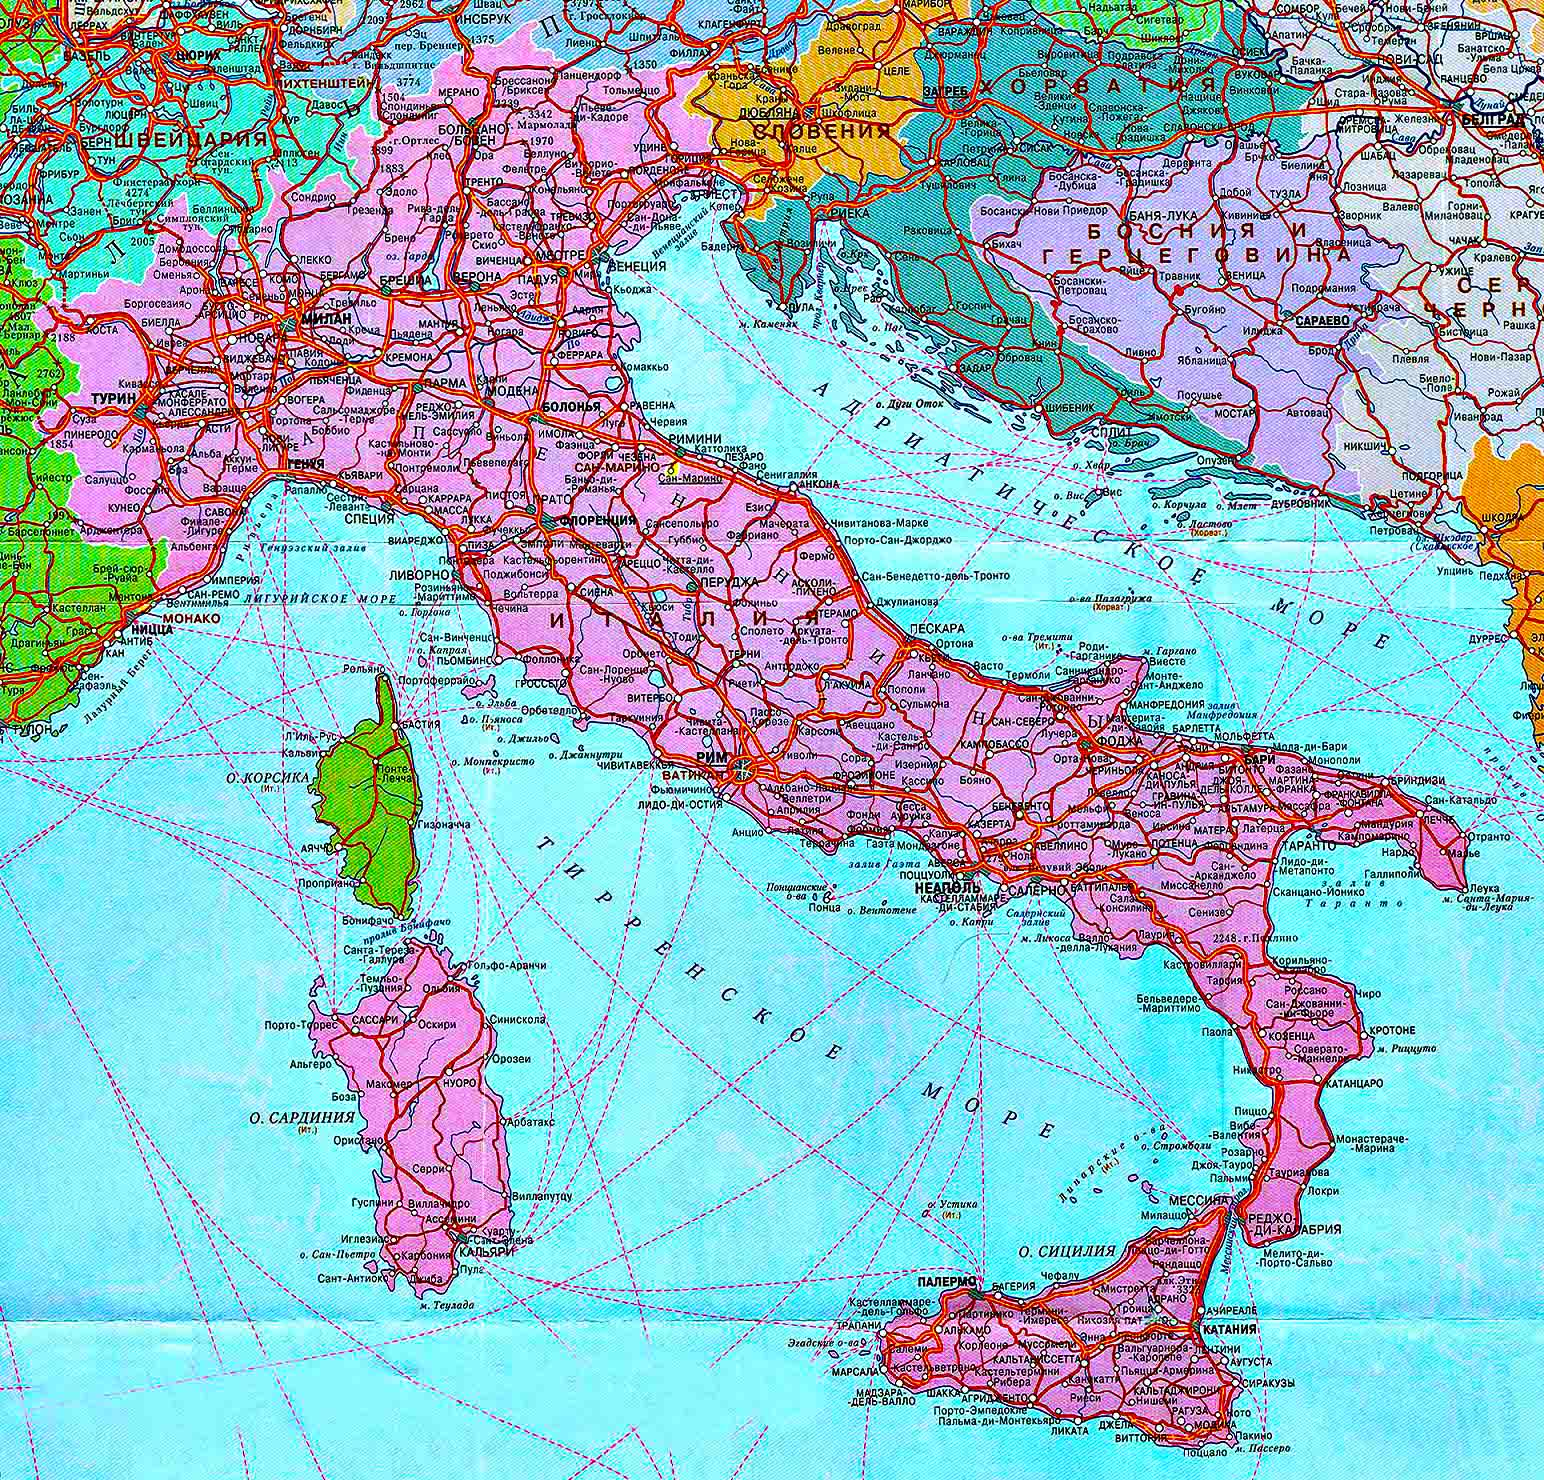 Играть на карте италии как играть в козла в карты без 7